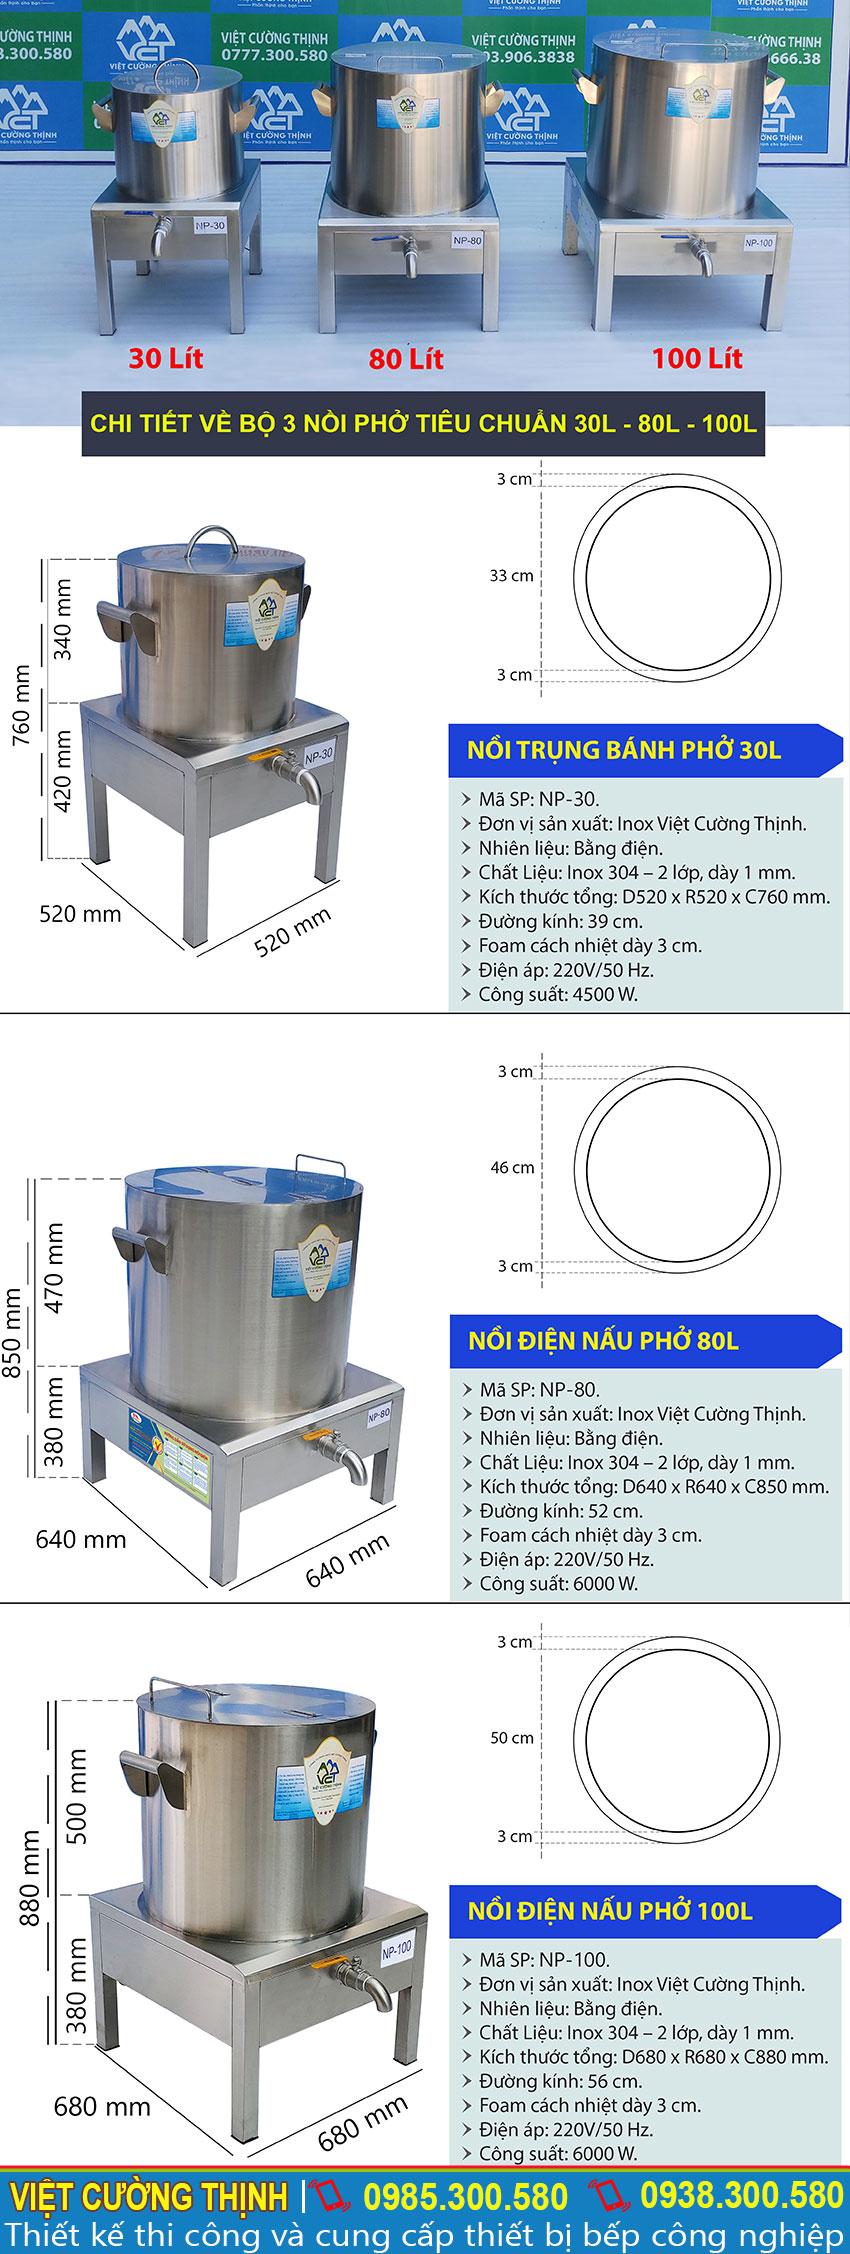 Thông số kỹ thuật Bộ Nồi Nấu Phở Công Nghiệp Tiêu Chuẩn 30L-80L-100L